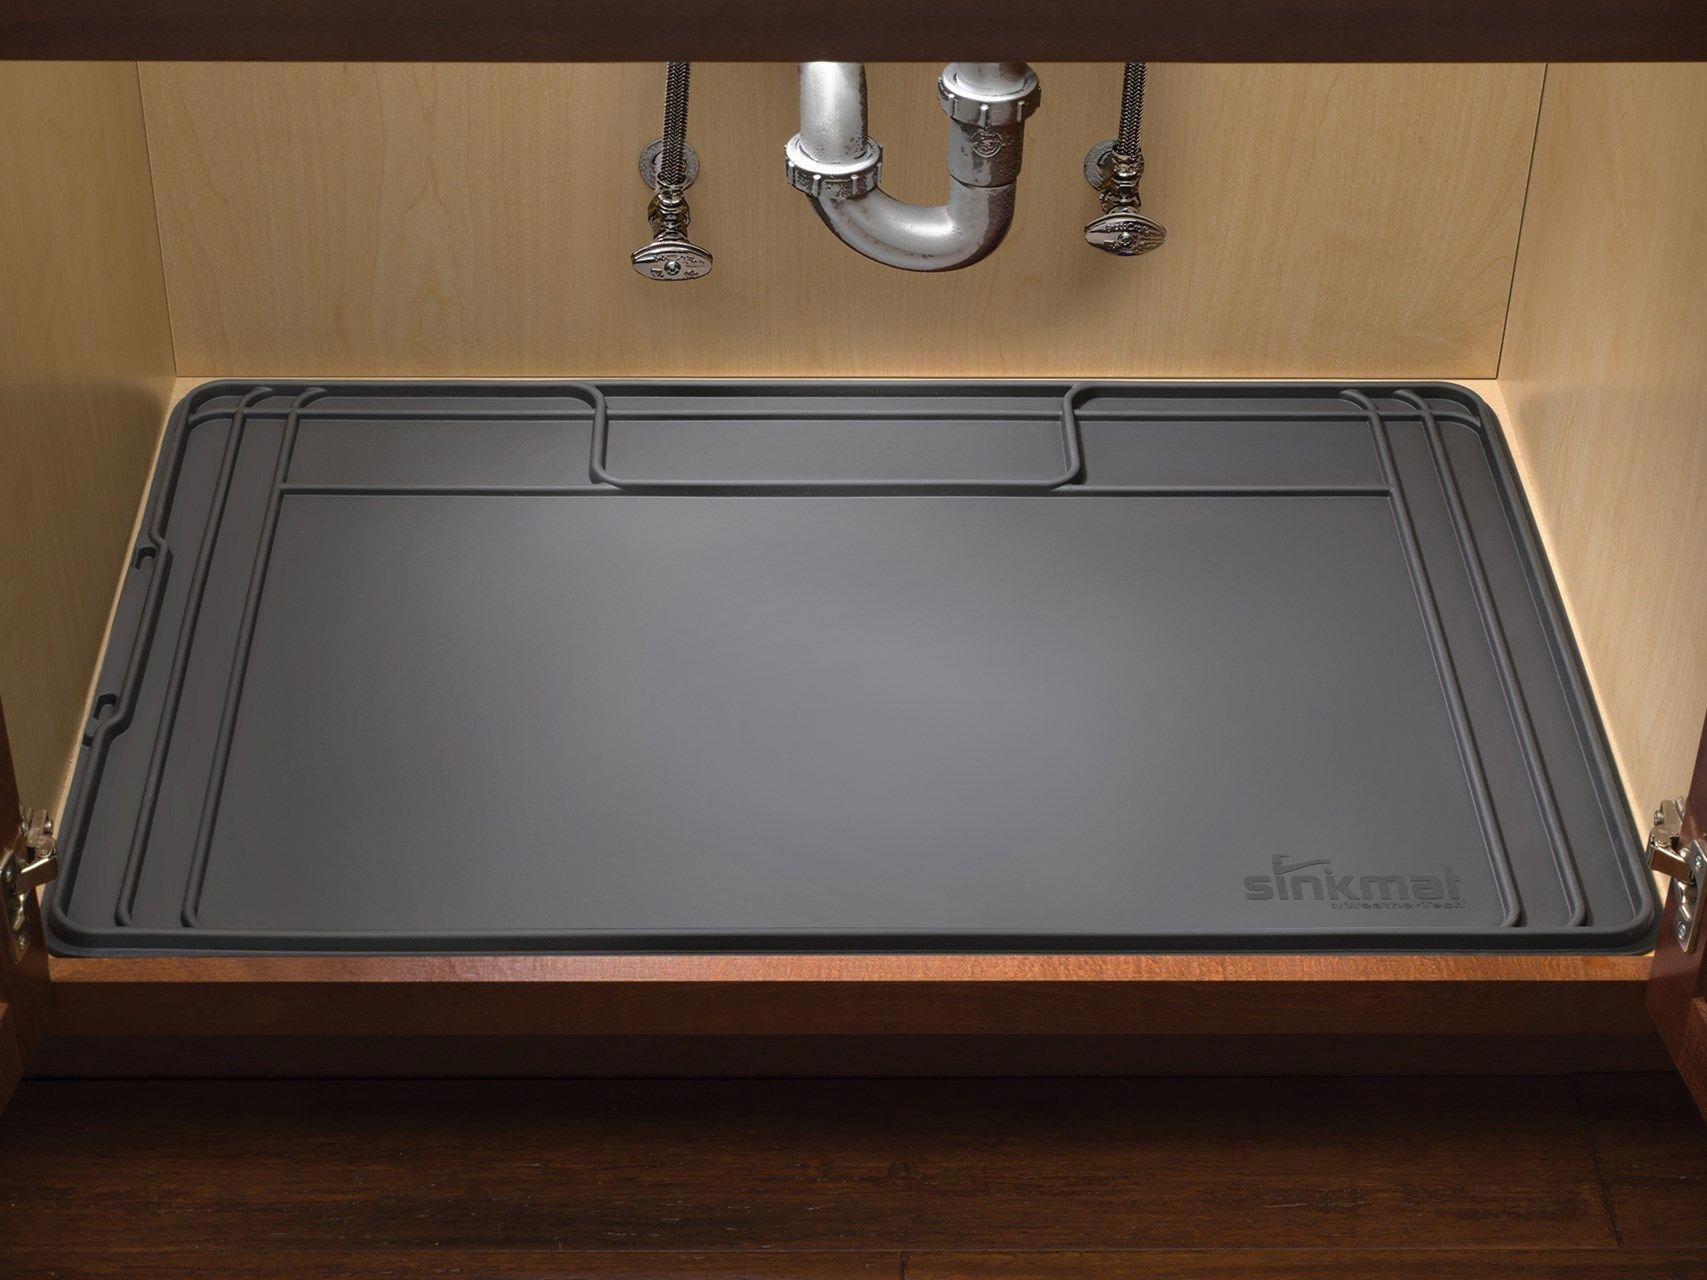 44 Inspiring Design Ideas For Modern Kitchen Cabinets Under Kitchen Sinks Under Kitchen Sink Organization Sink